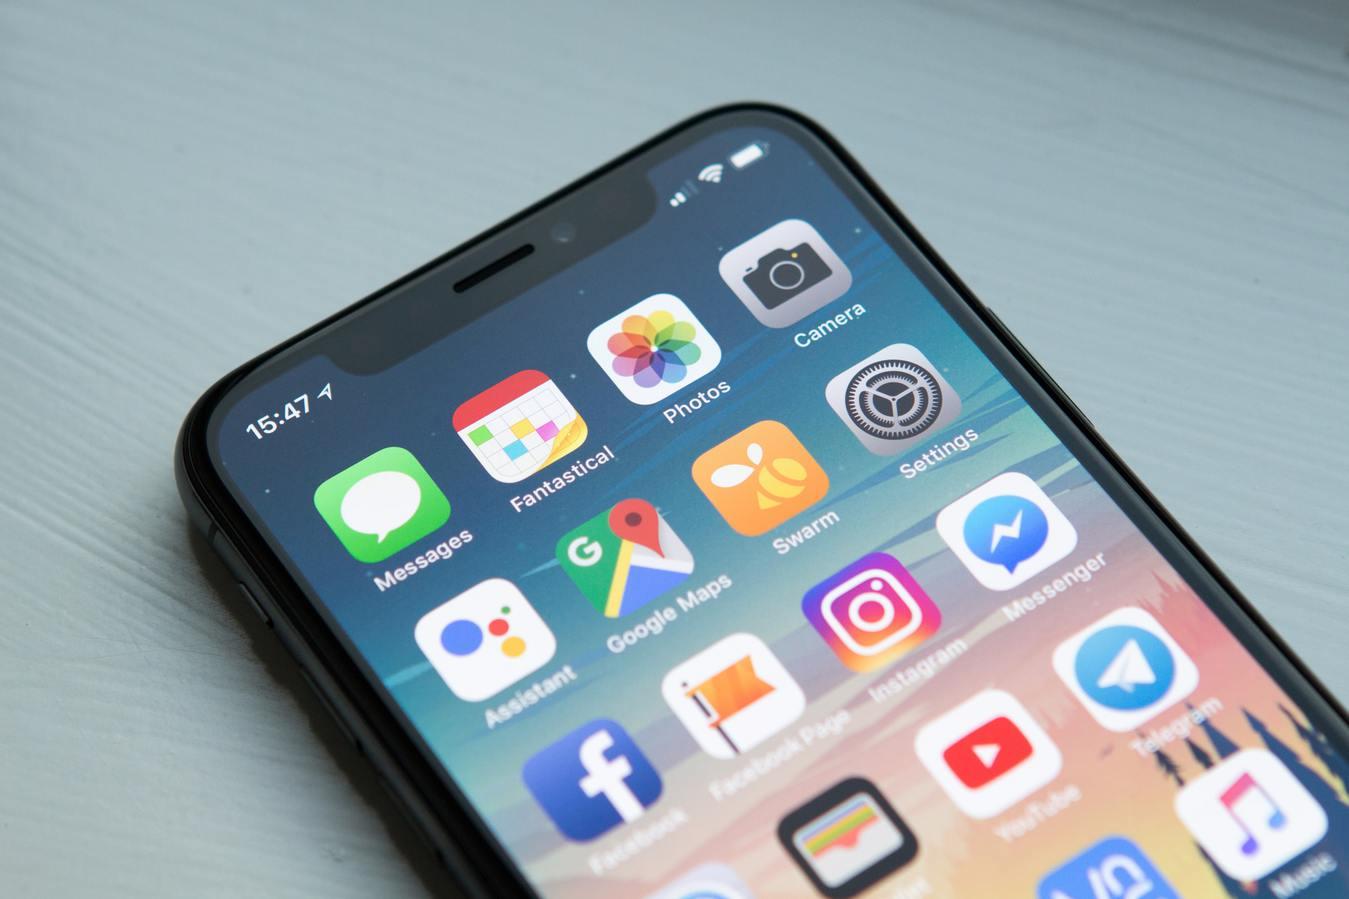 Iphone scherm laat apps zien